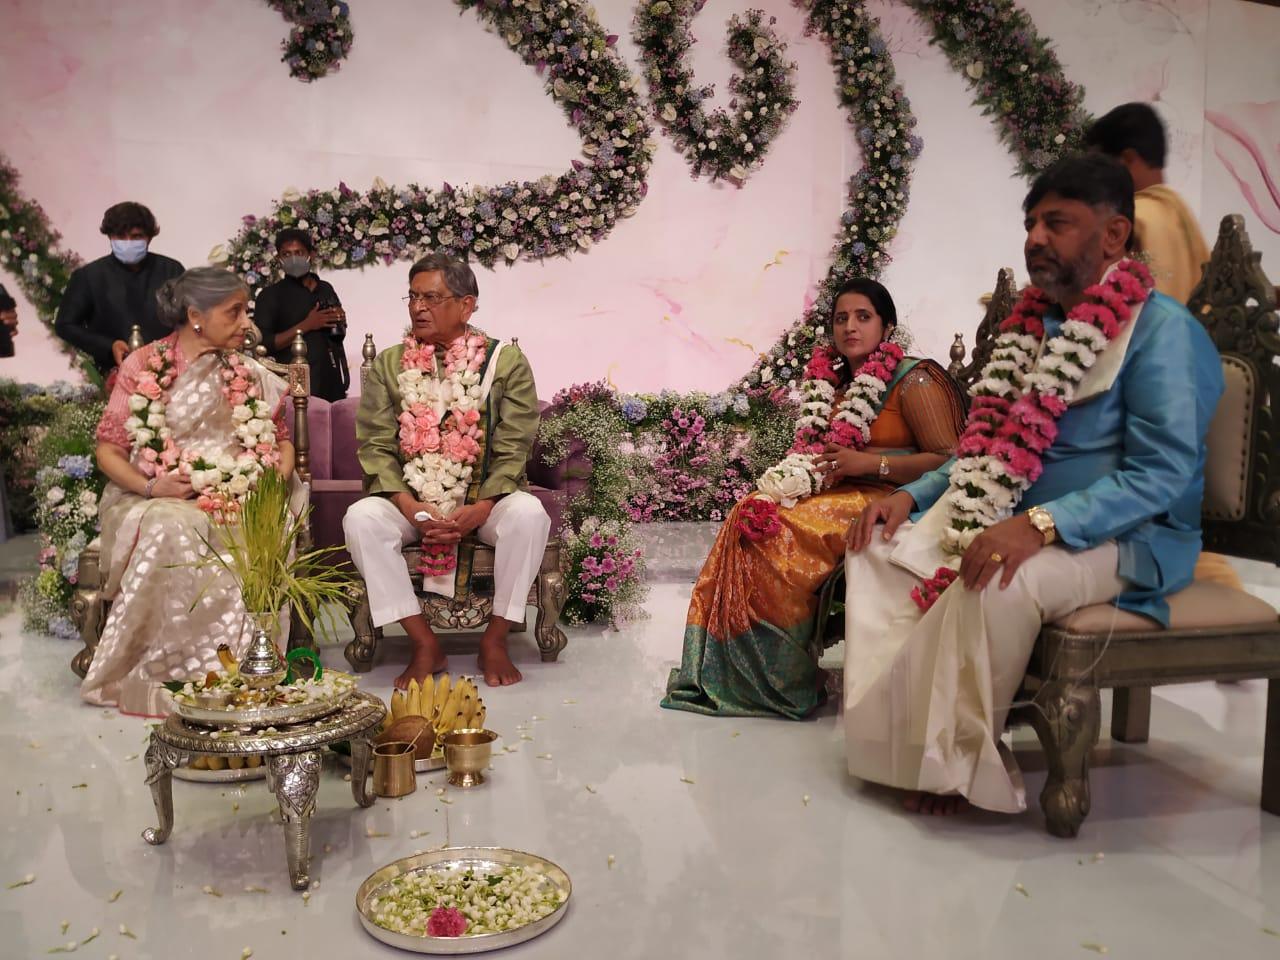 ಚಿತ್ರಗಳು: ಡಿ ಕೆ ಶಿವಕುಮಾರ್ ಪುತ್ರಿ ಐಶ್ವರ್ಯಾ-ಅಮರ್ತ್ಯ ಹೆಗ್ಡೆ ನಿಶ್ಚಿತಾರ್ಥ